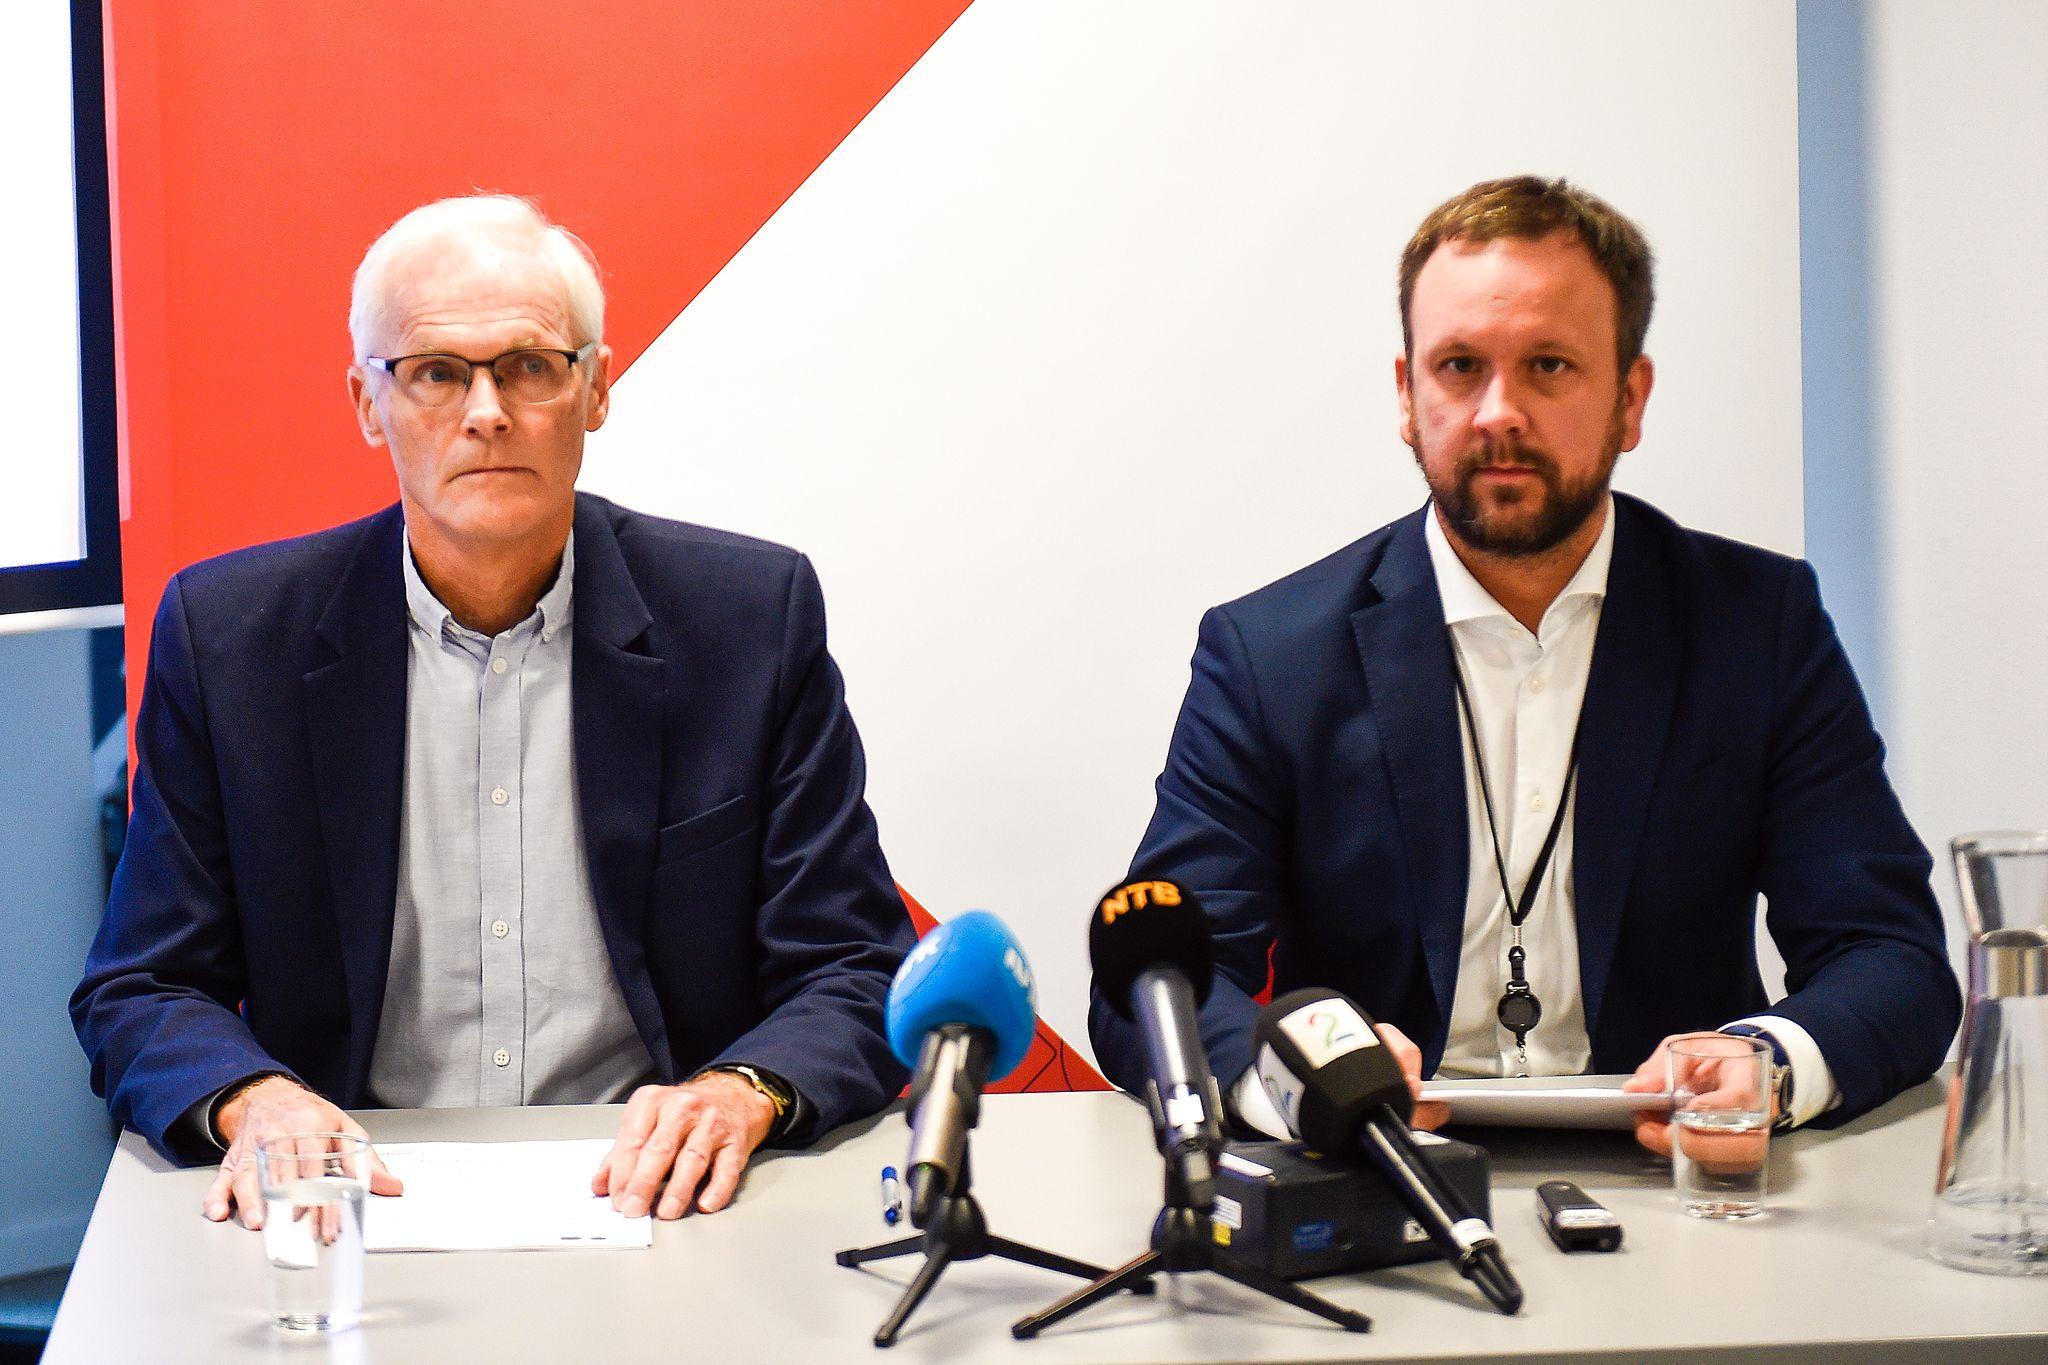 揭开挪威超市巨头长期欺骗大众的真相